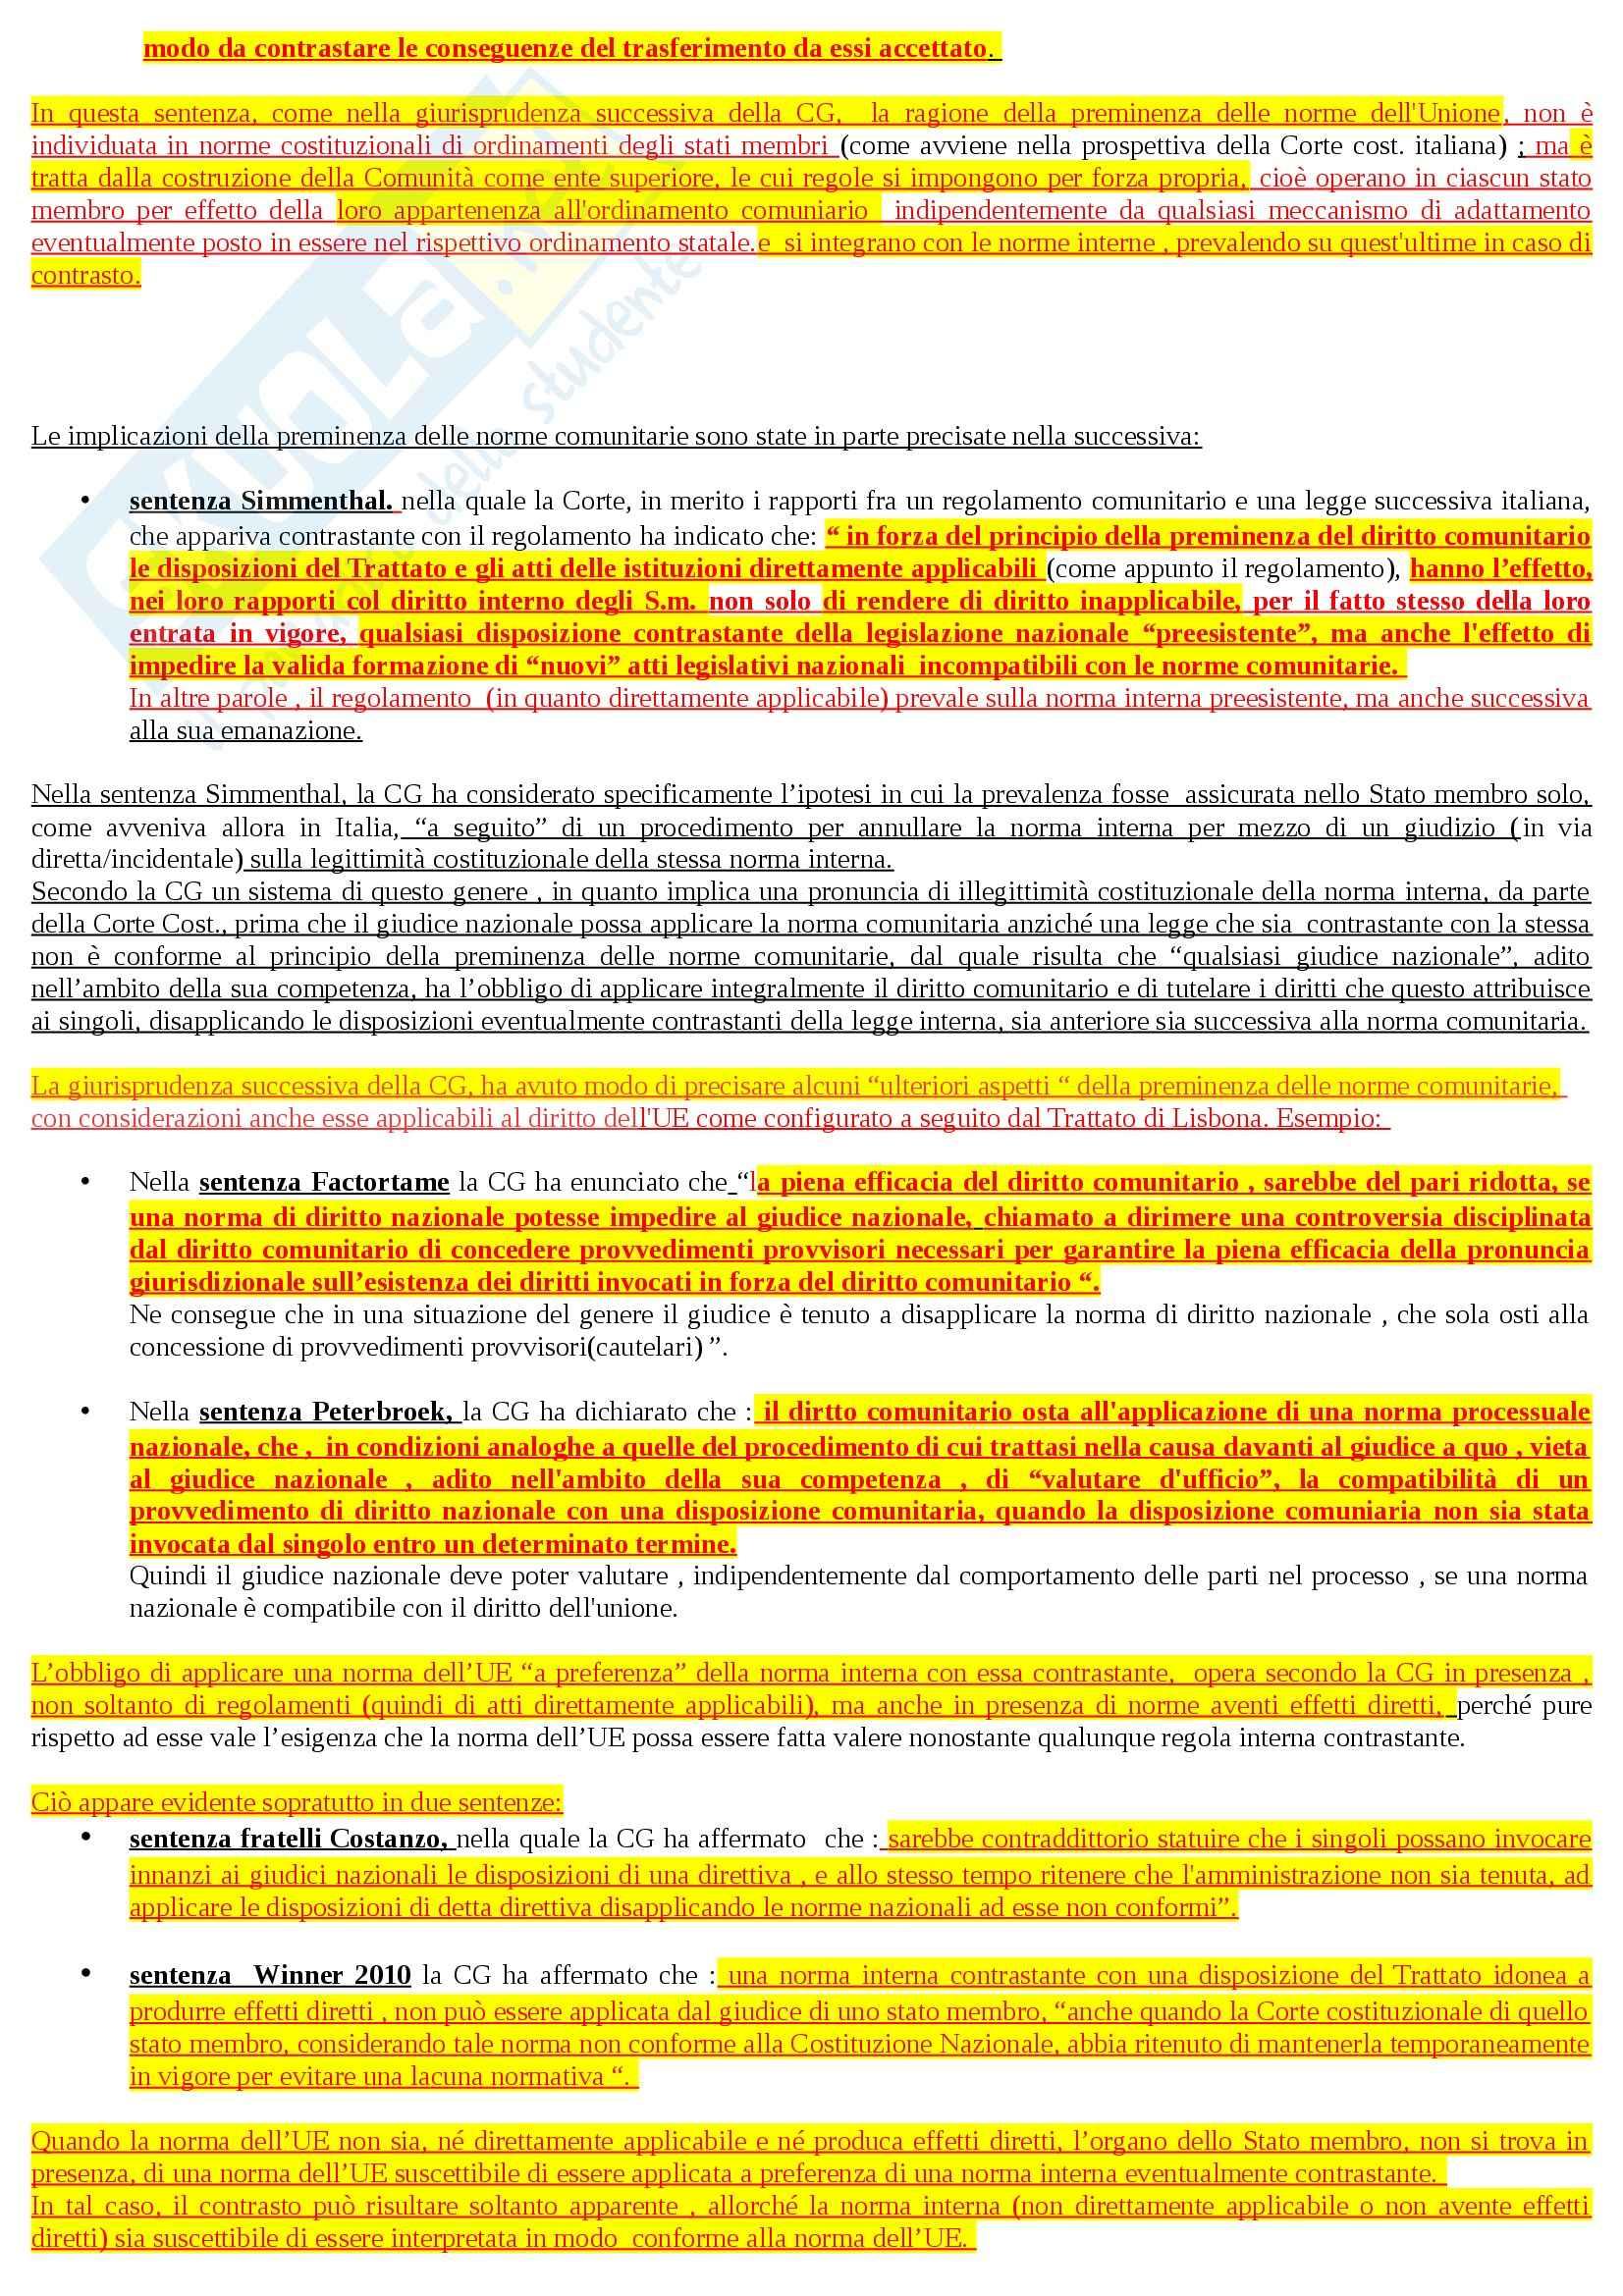 Riassunto esame Diritto dell'Unione Europea, prof. Adinolfi Pag. 46